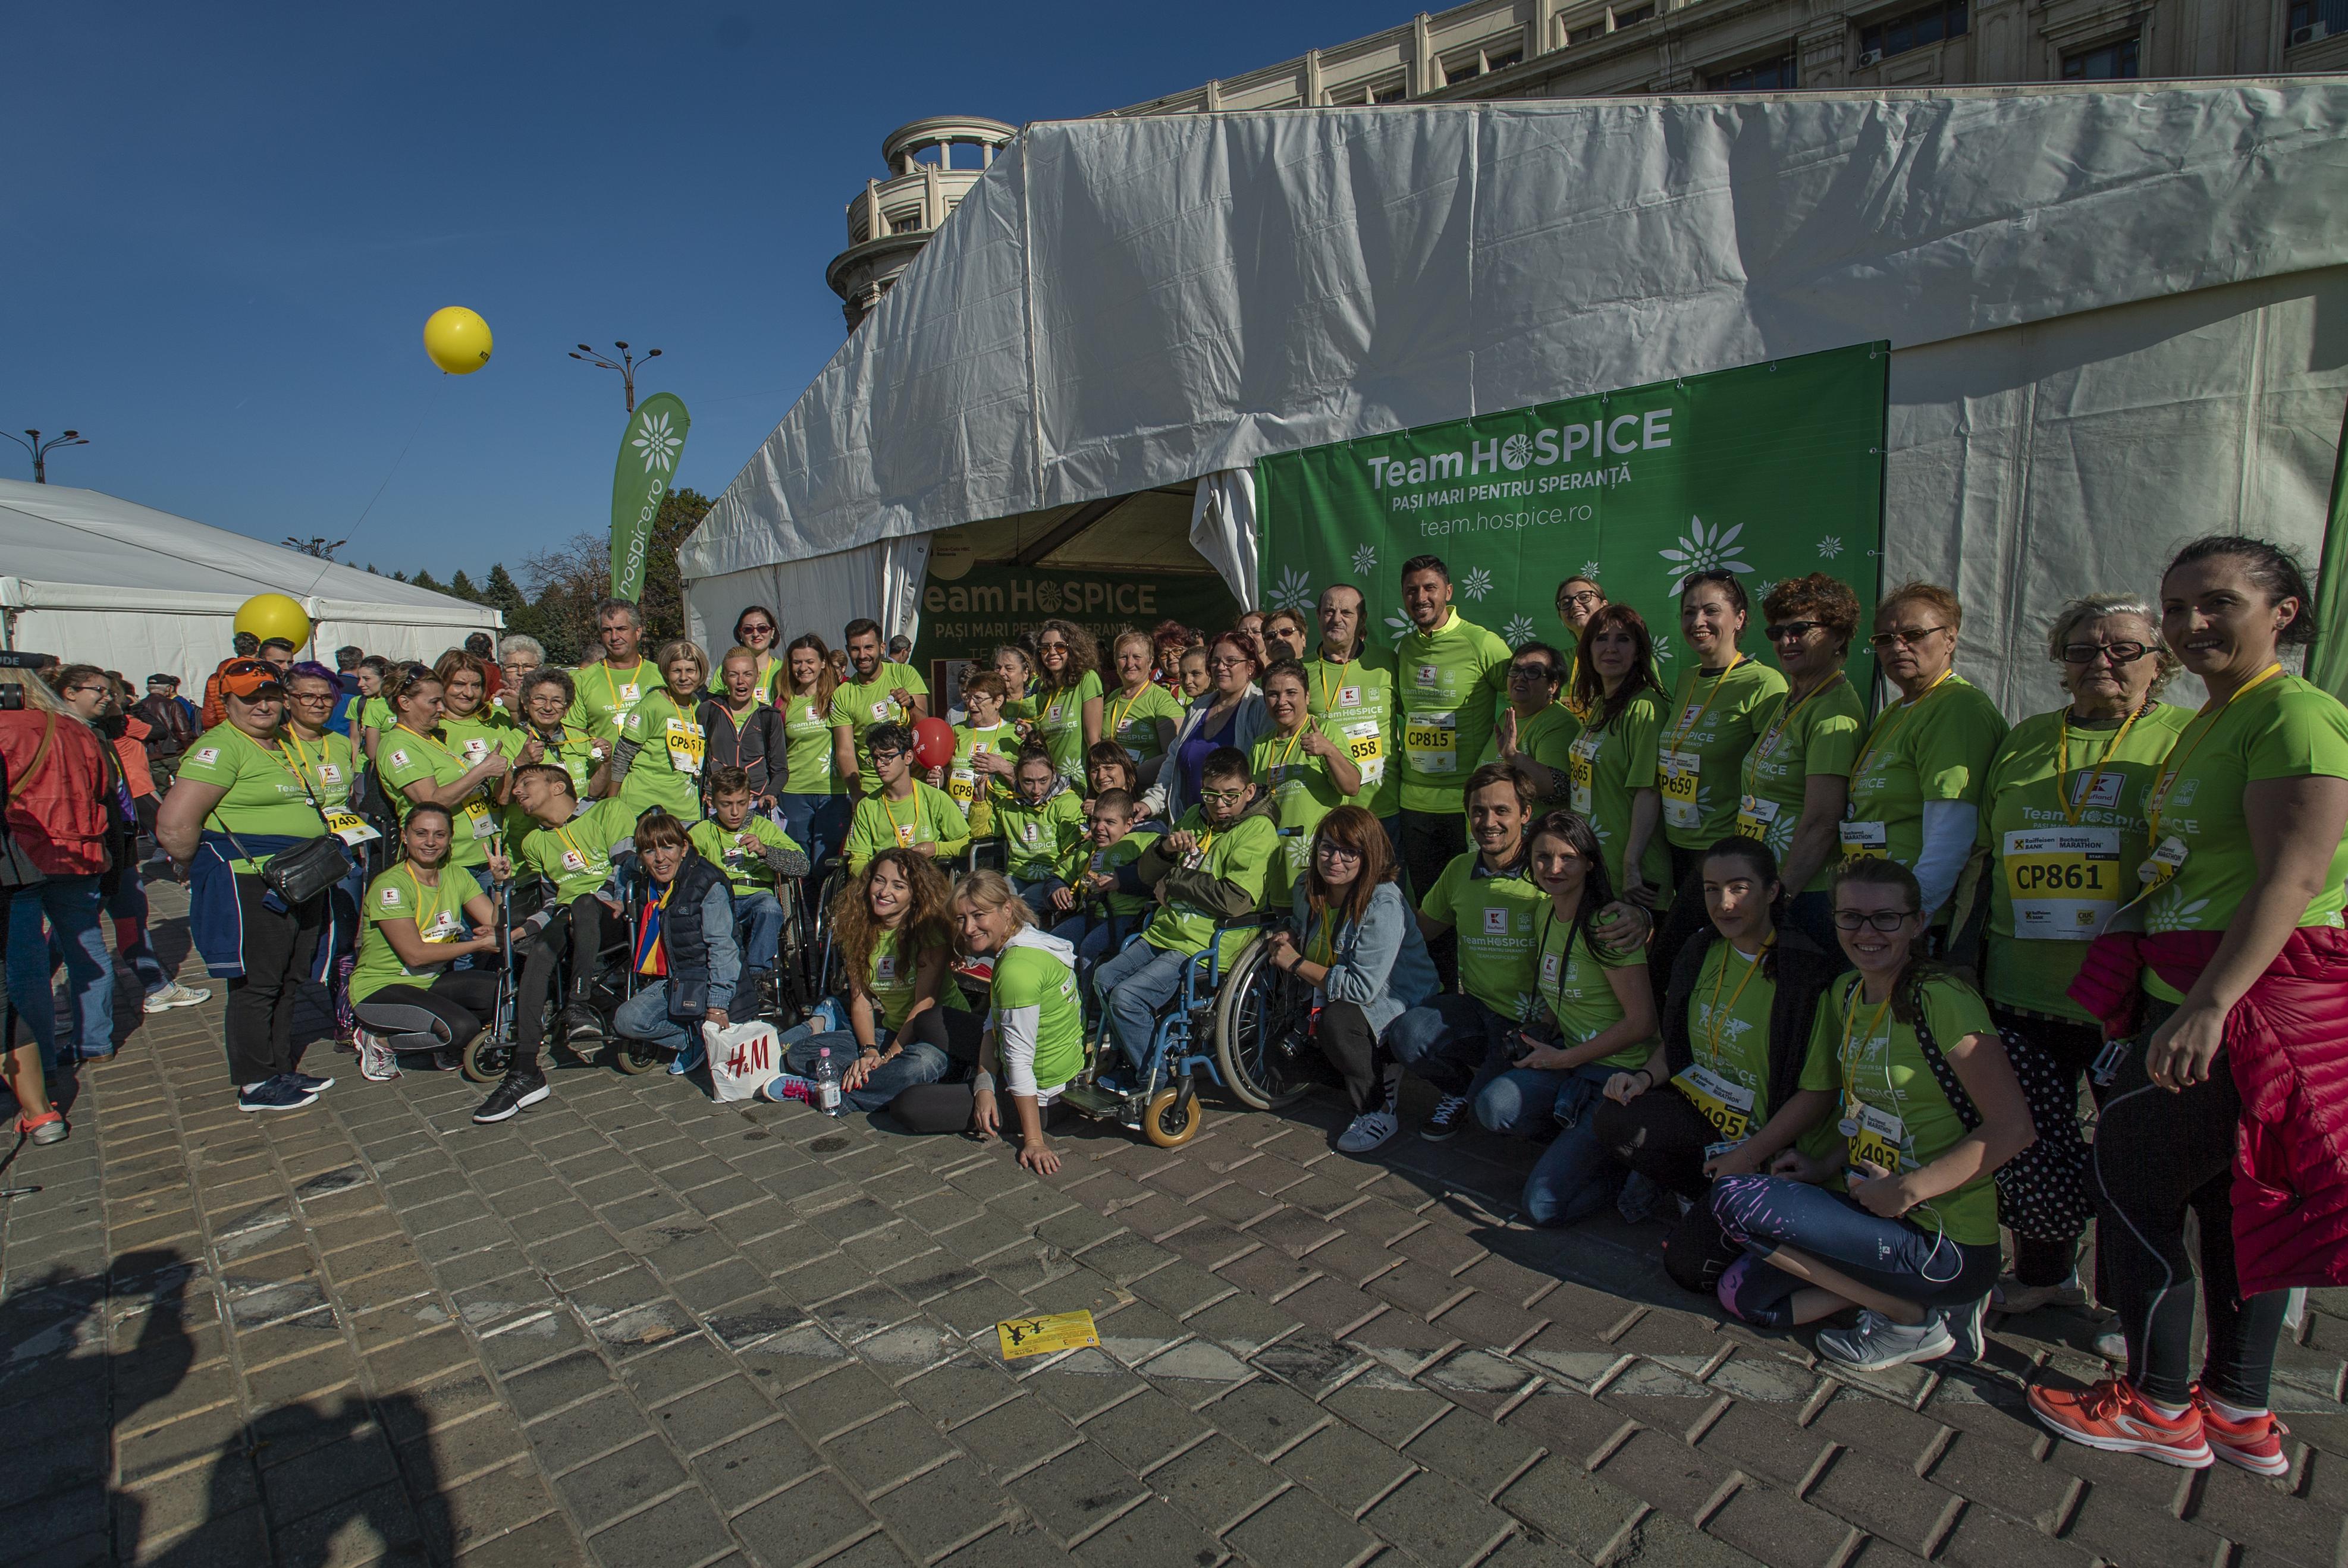 Maraton de solidaritate: Team HOSPICE a strâns 400.000 lei la Maratonul București